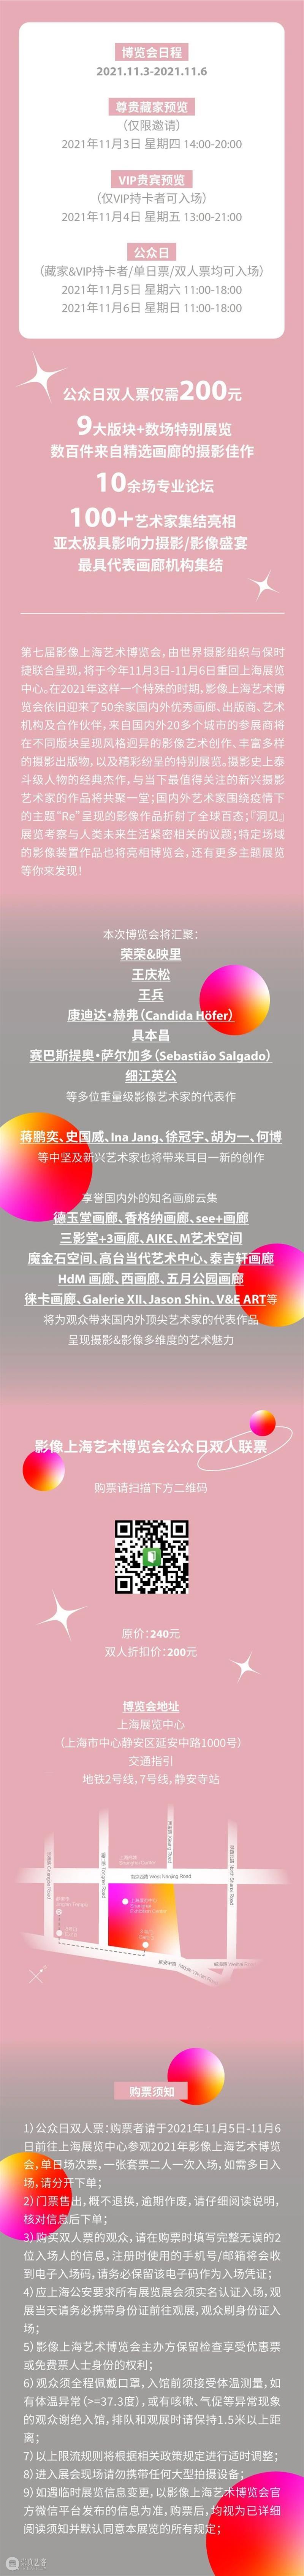 2021影像上海艺术博览会双人票优惠进行中 影像 上海艺术博览会 双人 原文 上海艺术博览会双人票 崇真艺客